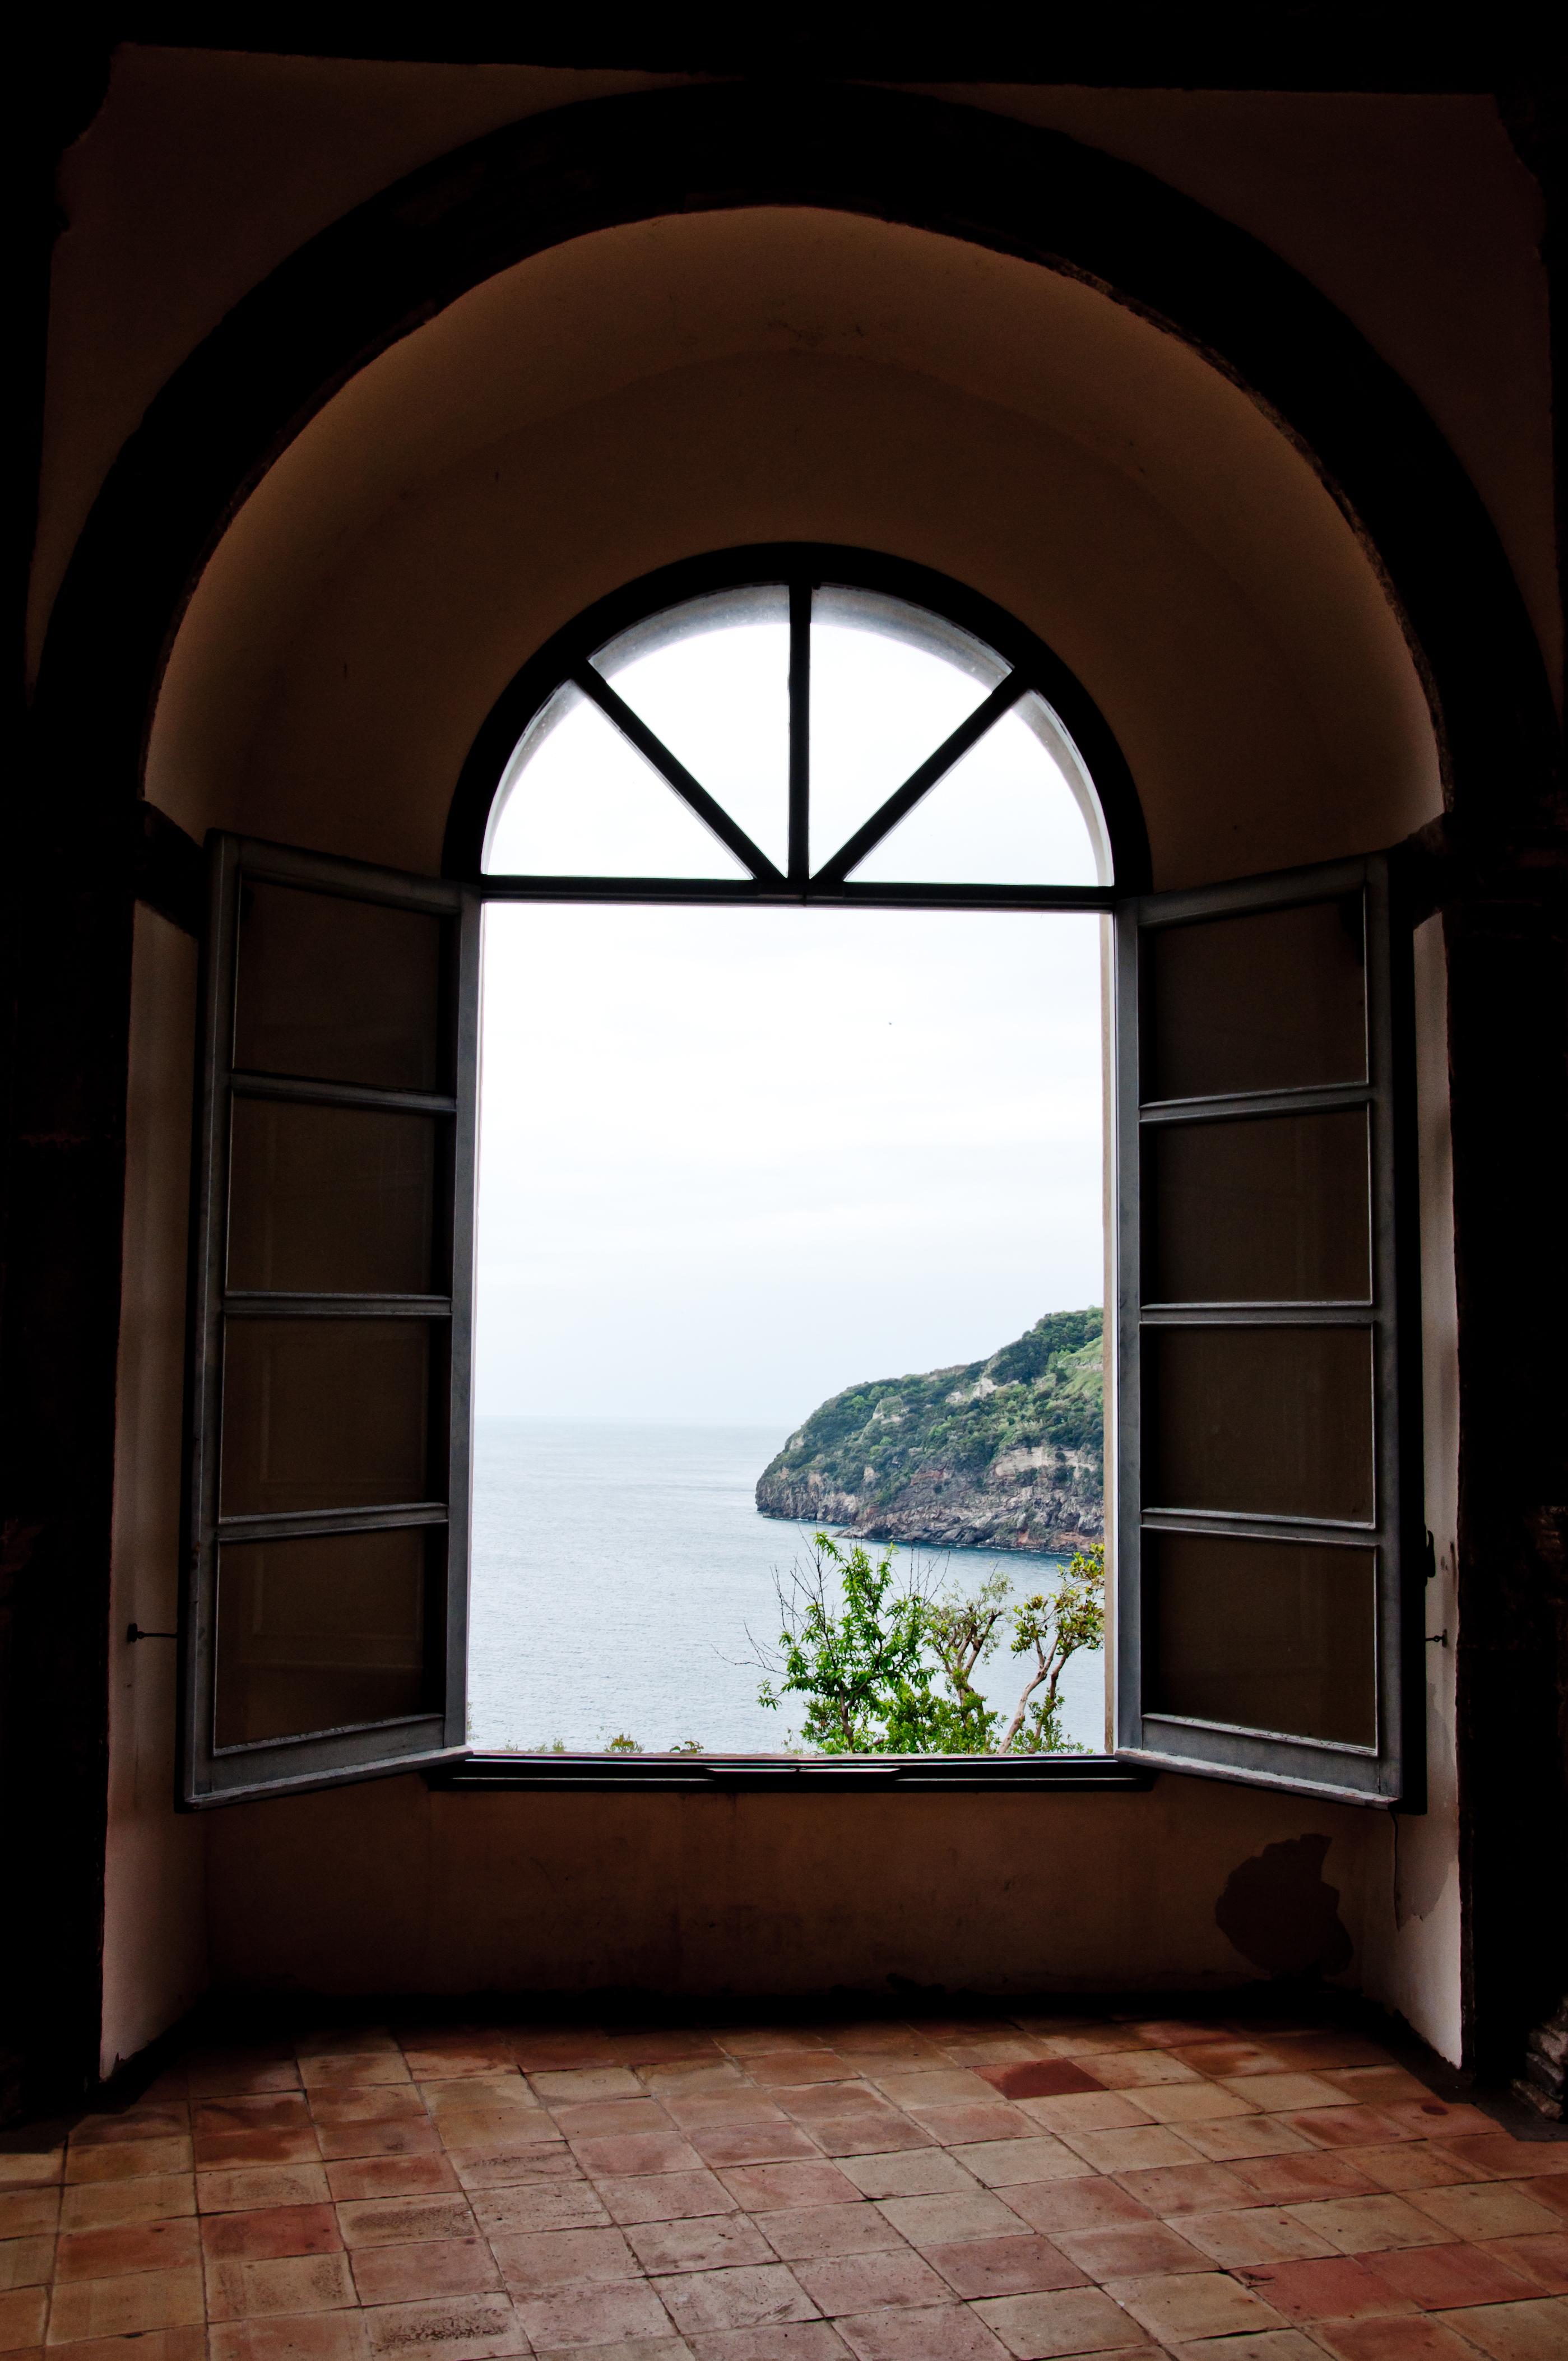 Window view in aragonese castle, ischia photo